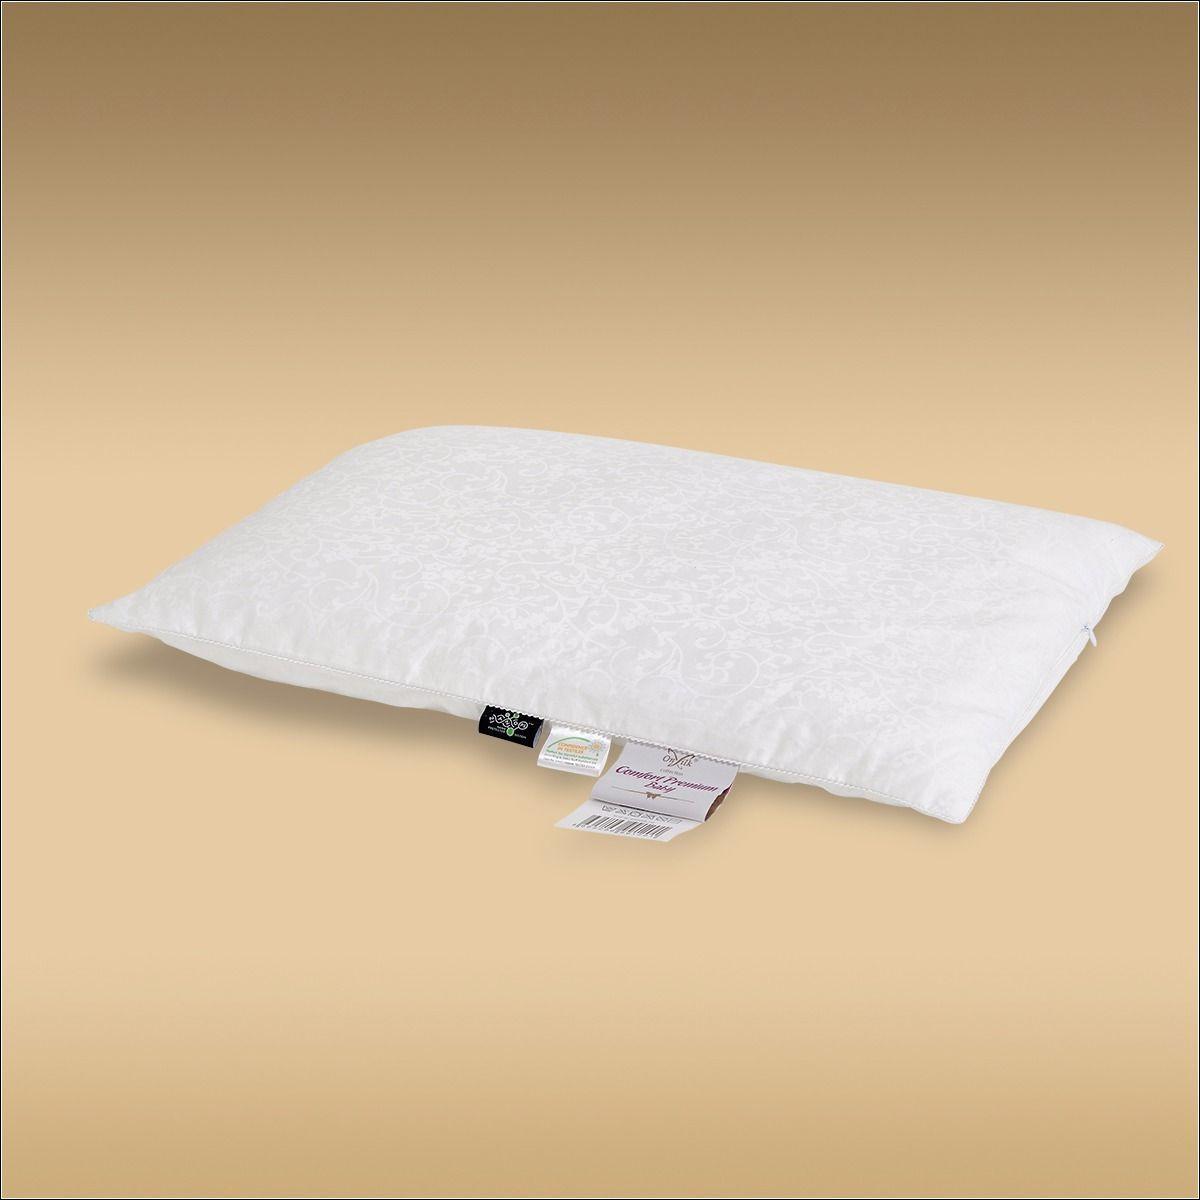 Наволочки для сна Защитная наволочка 40х60 OnSilk Comfort Premium zaschitnaya-navolochka-40h60-onsilk-comfort-premium-kitay.jpg